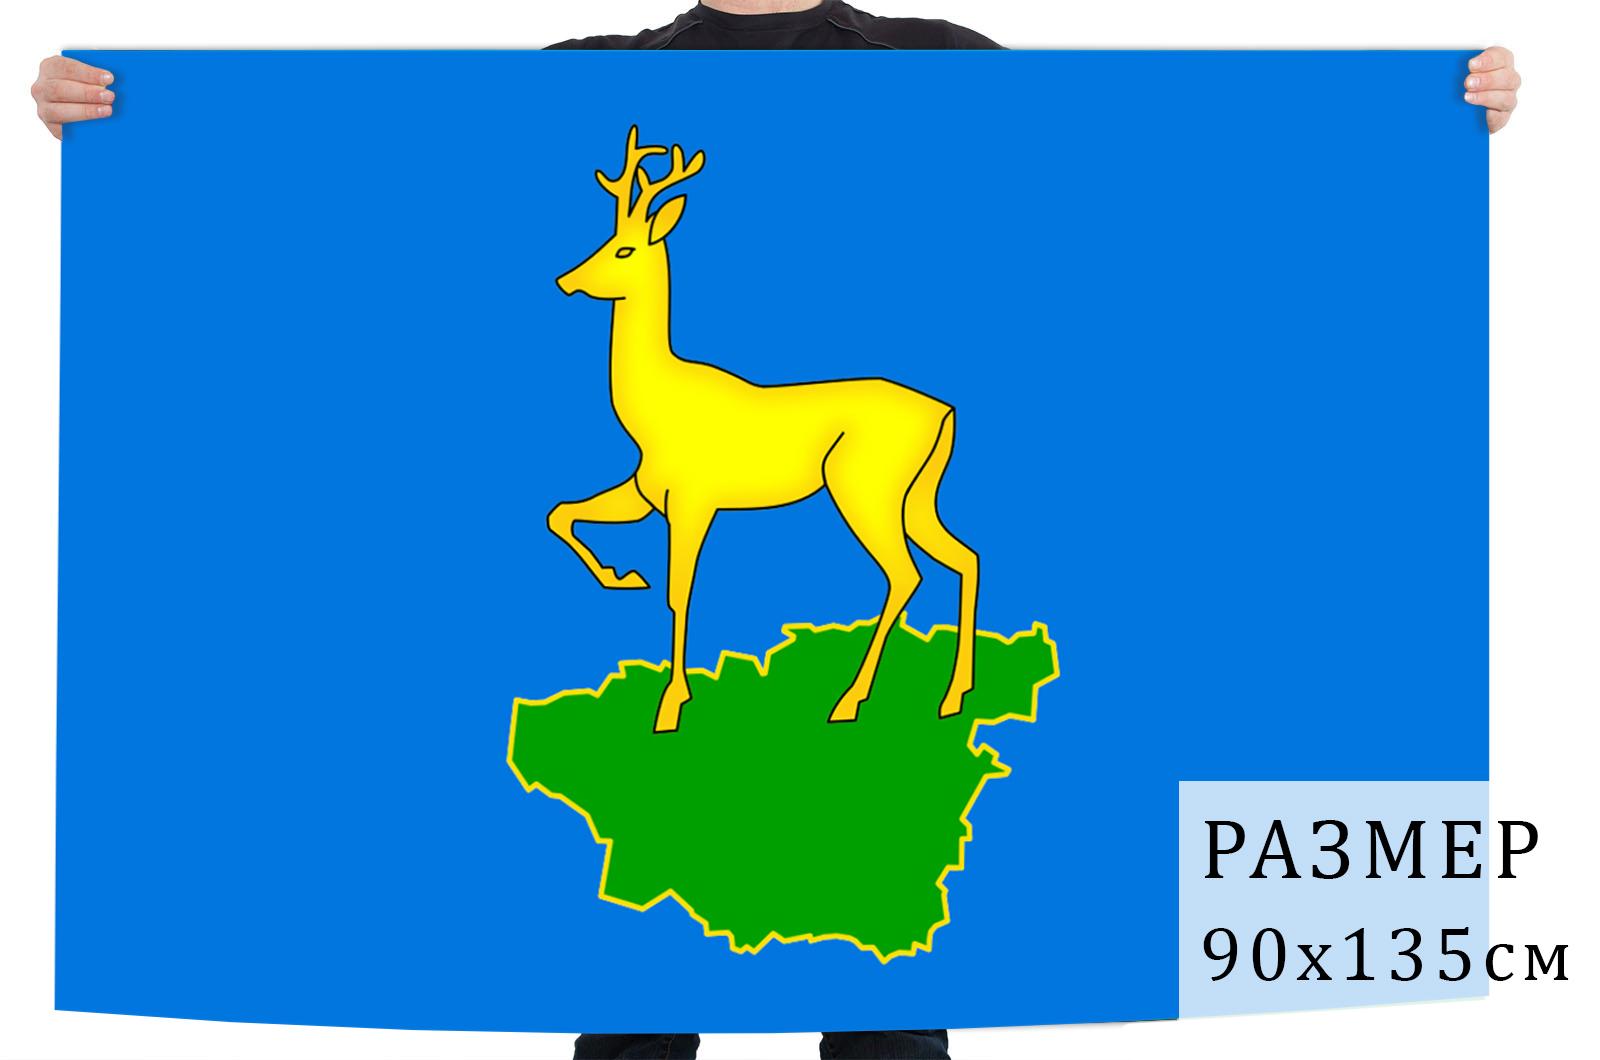 Флаг Дзержинского района